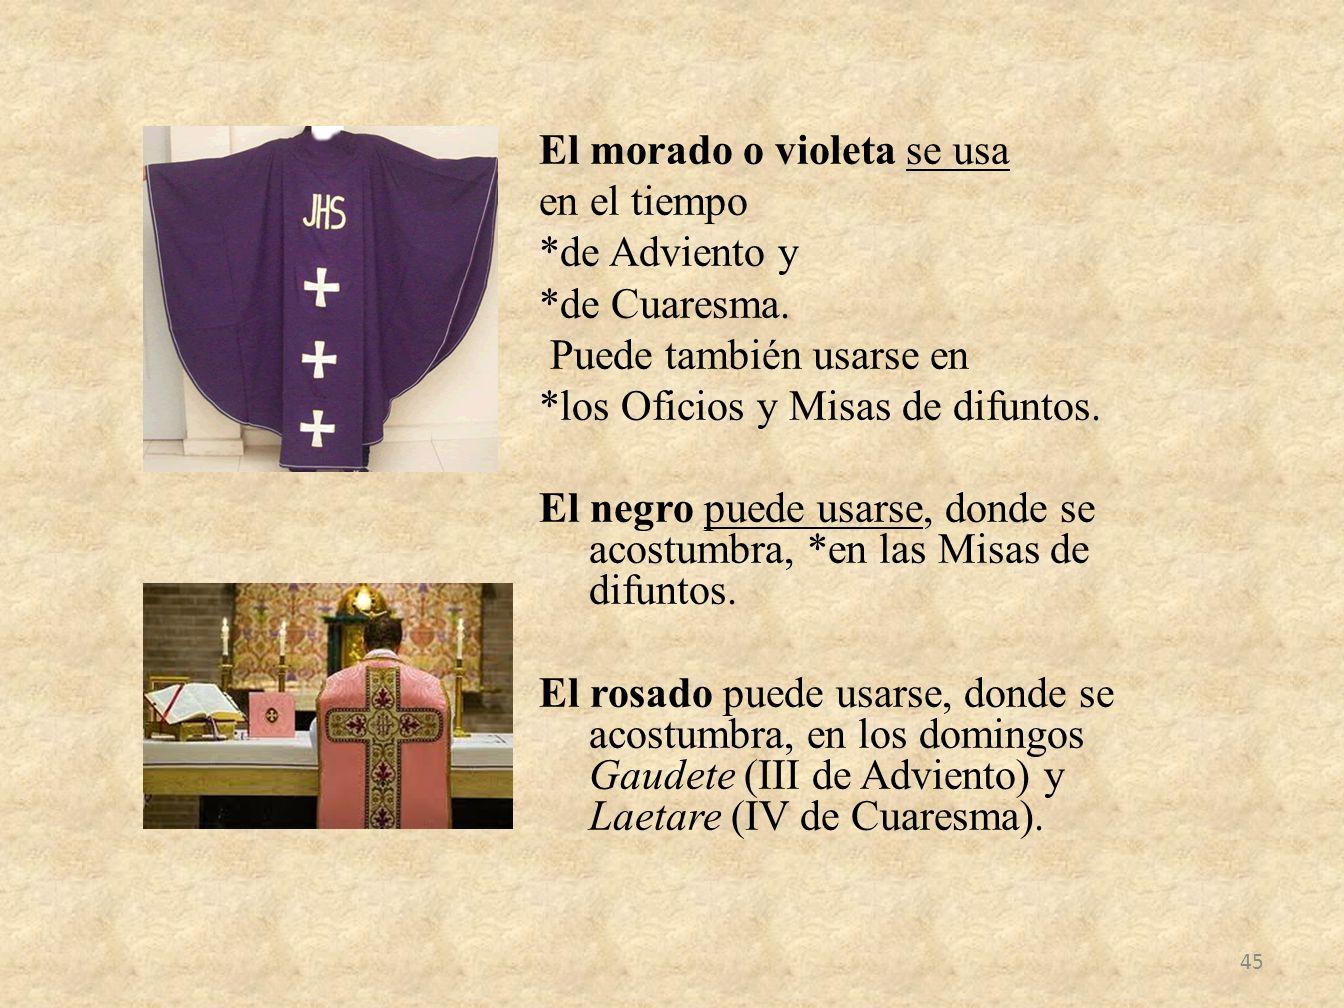 El morado o violeta se usa en el tiempo. de Adviento y. de Cuaresma